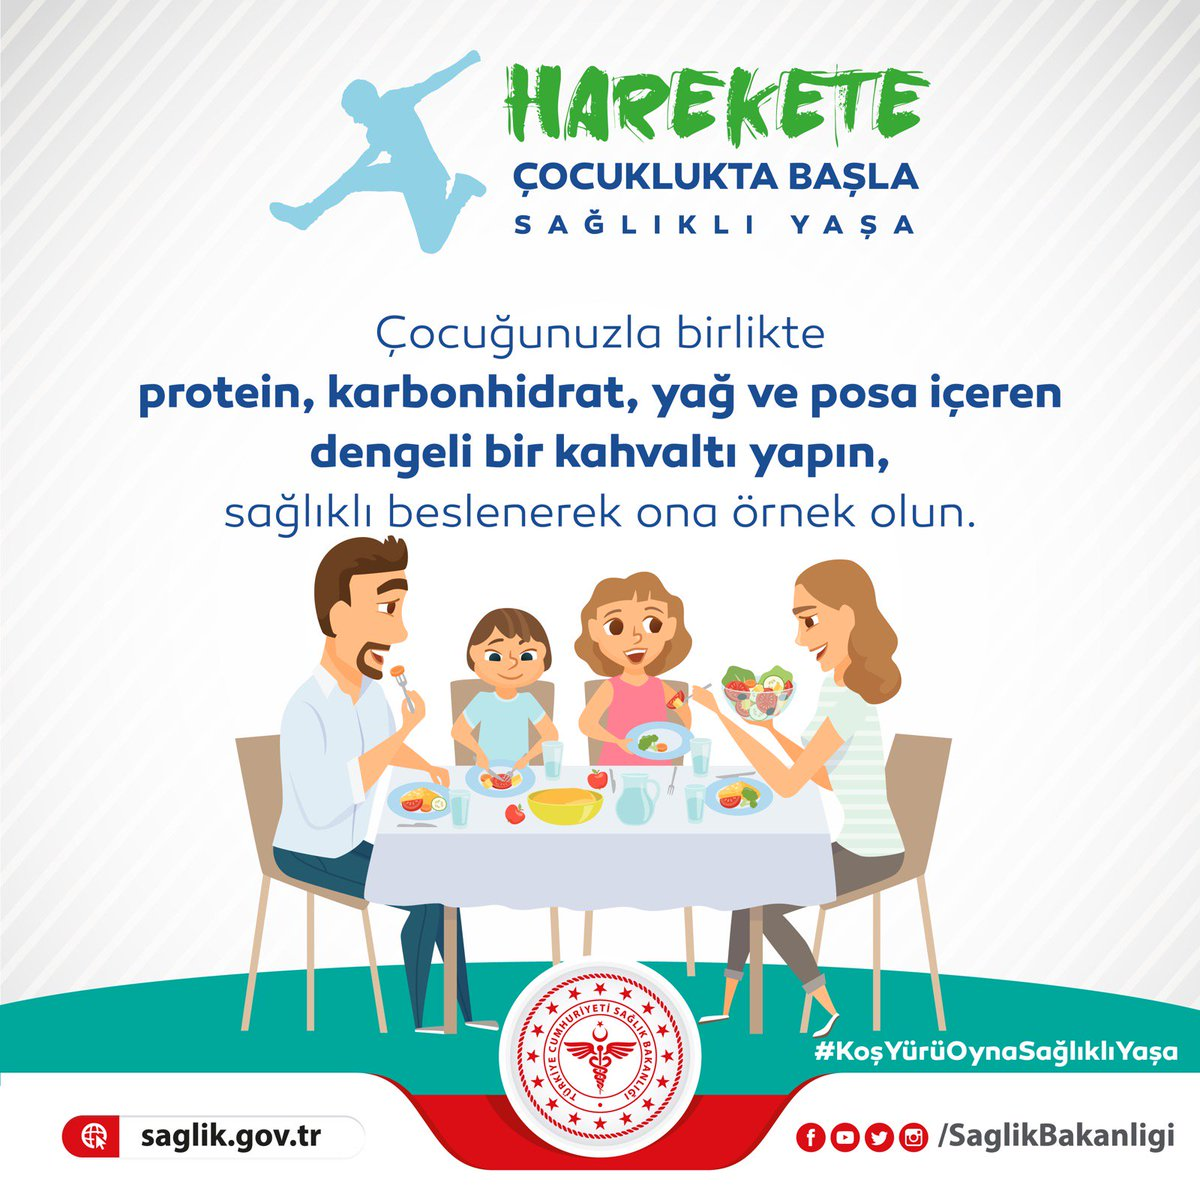 Çocukluk çağında obeziteyle mücadelede aile iş birliği oldukça önemlidir. Çocuğunuzla birlikte protein, karbonhidrat, yağ ve posa içeren dengeli bir kahvaltı yapın, sağlıklı beslenerek ona örnek olun. #KoşYürüOynaSağlıklıYaşa